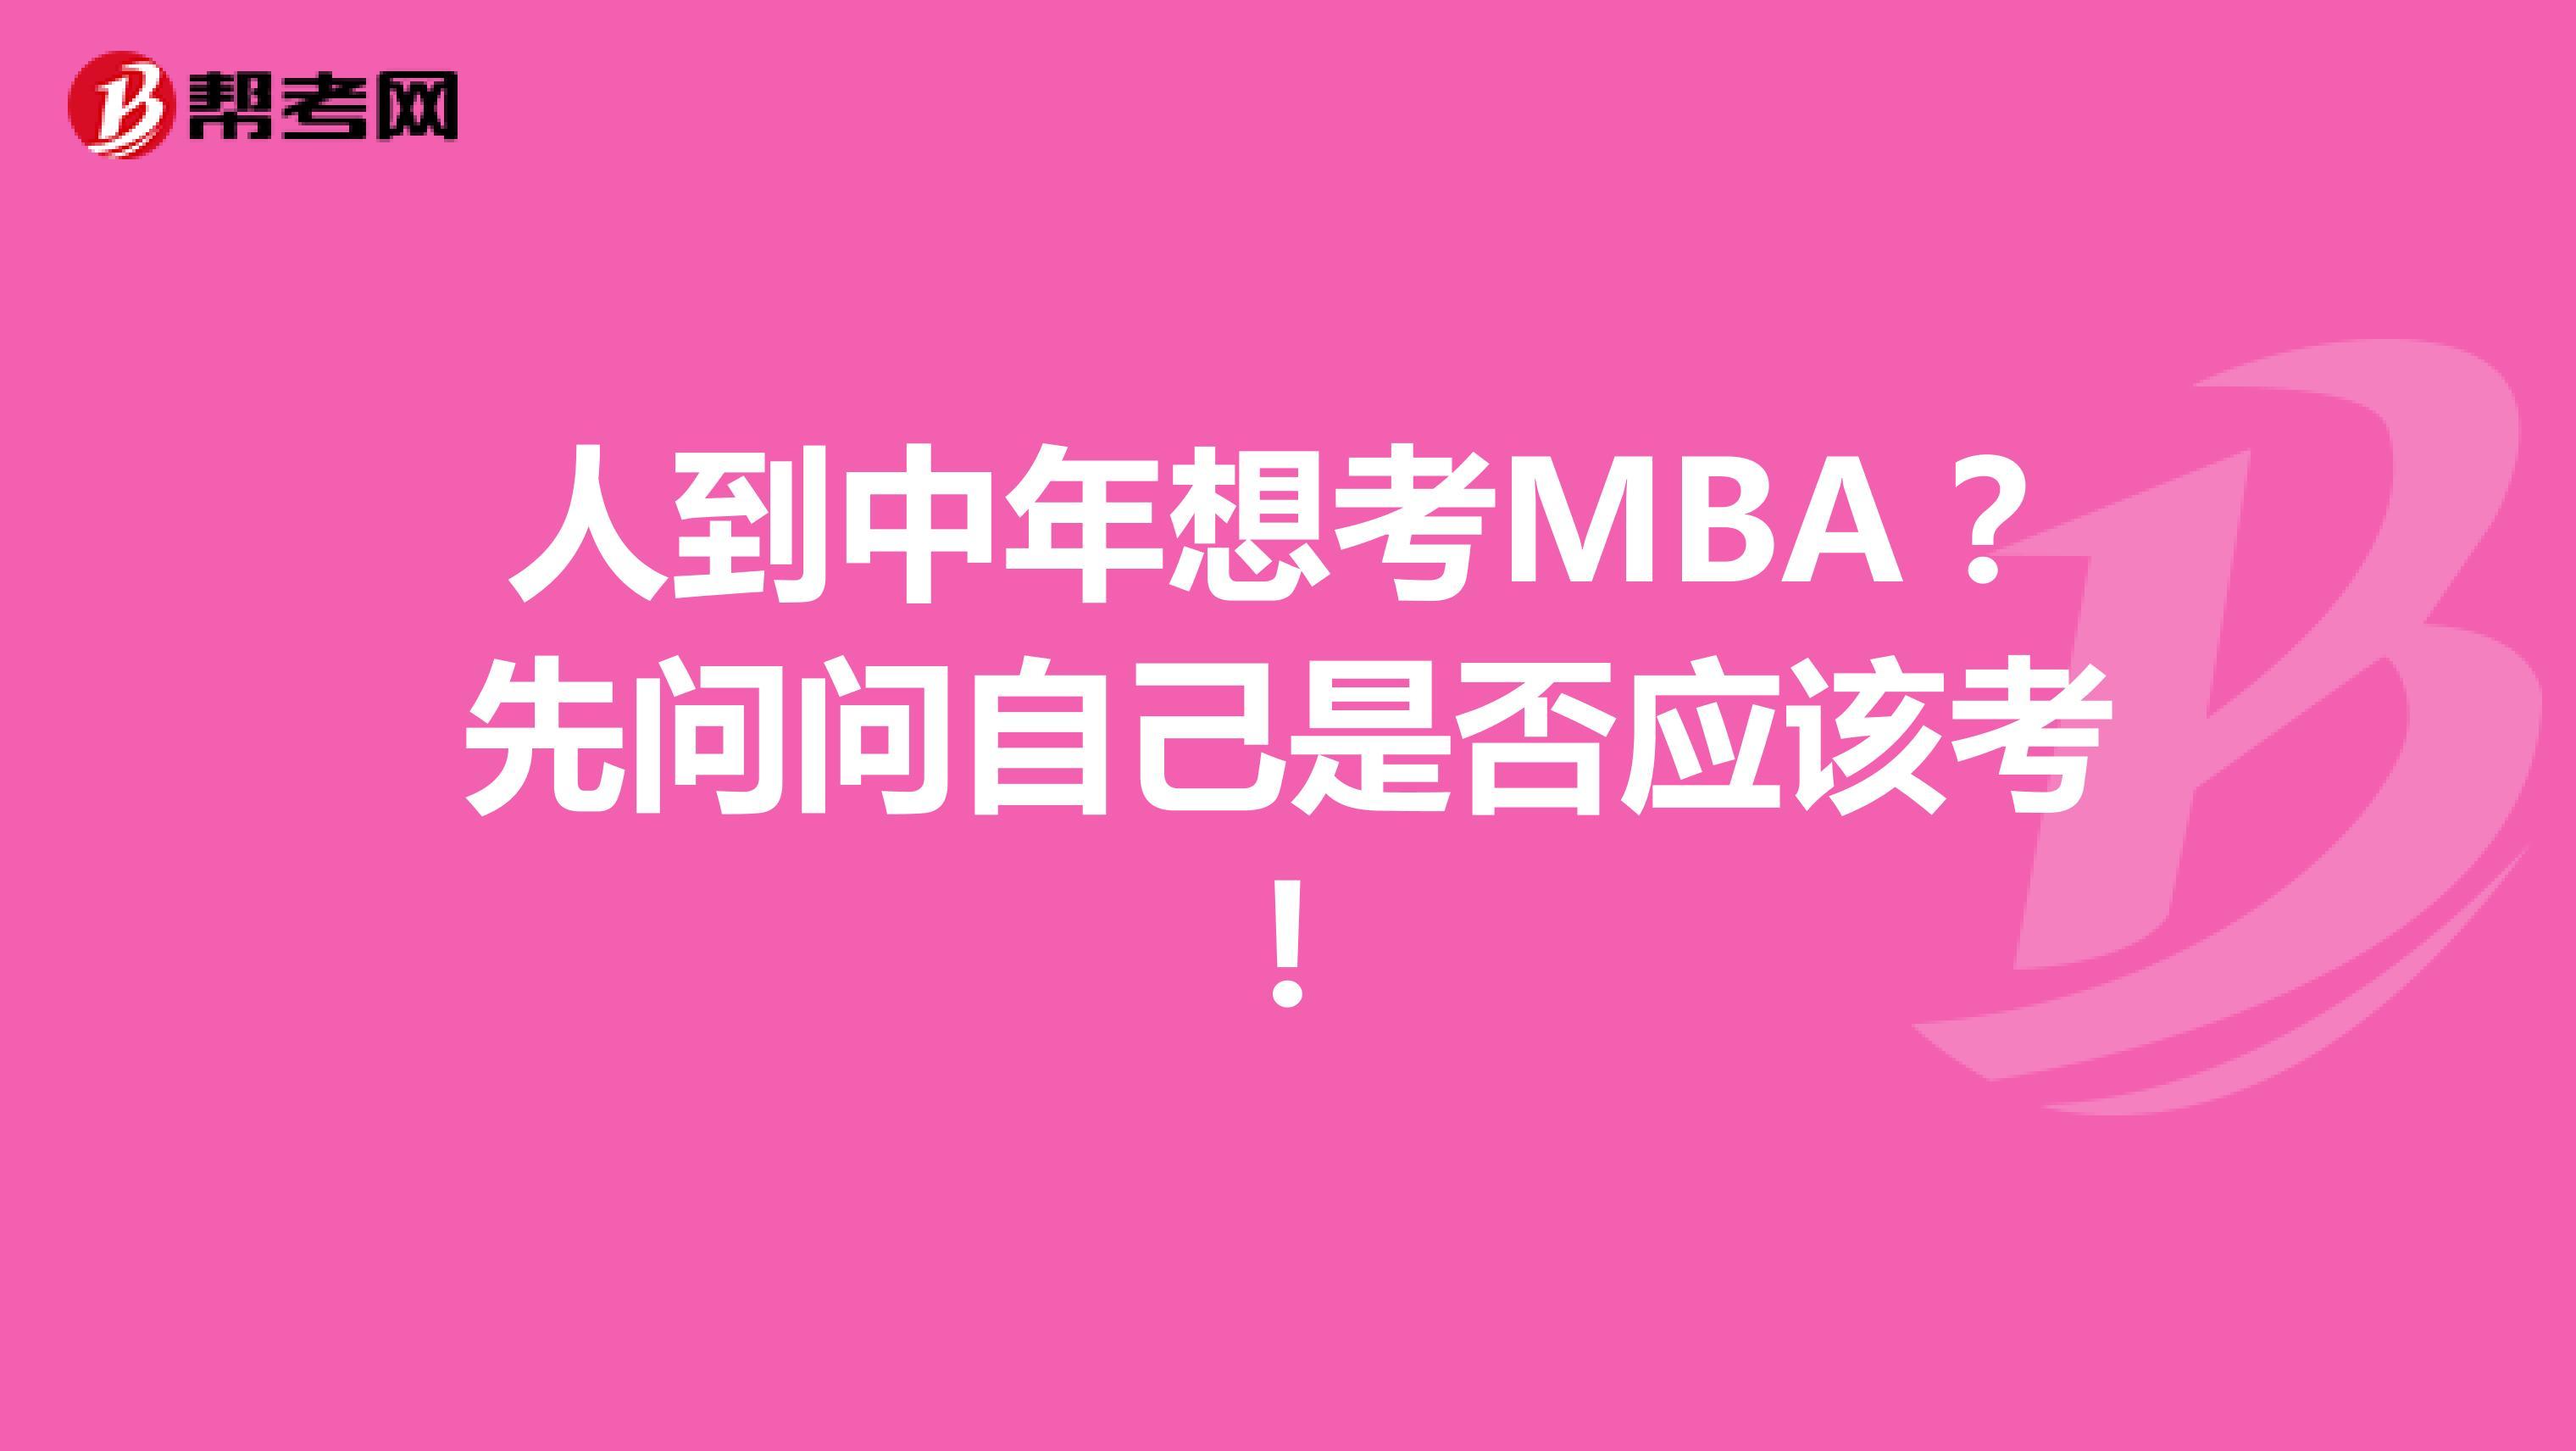 人到中年想考MBA?先问问自己是否应该考!